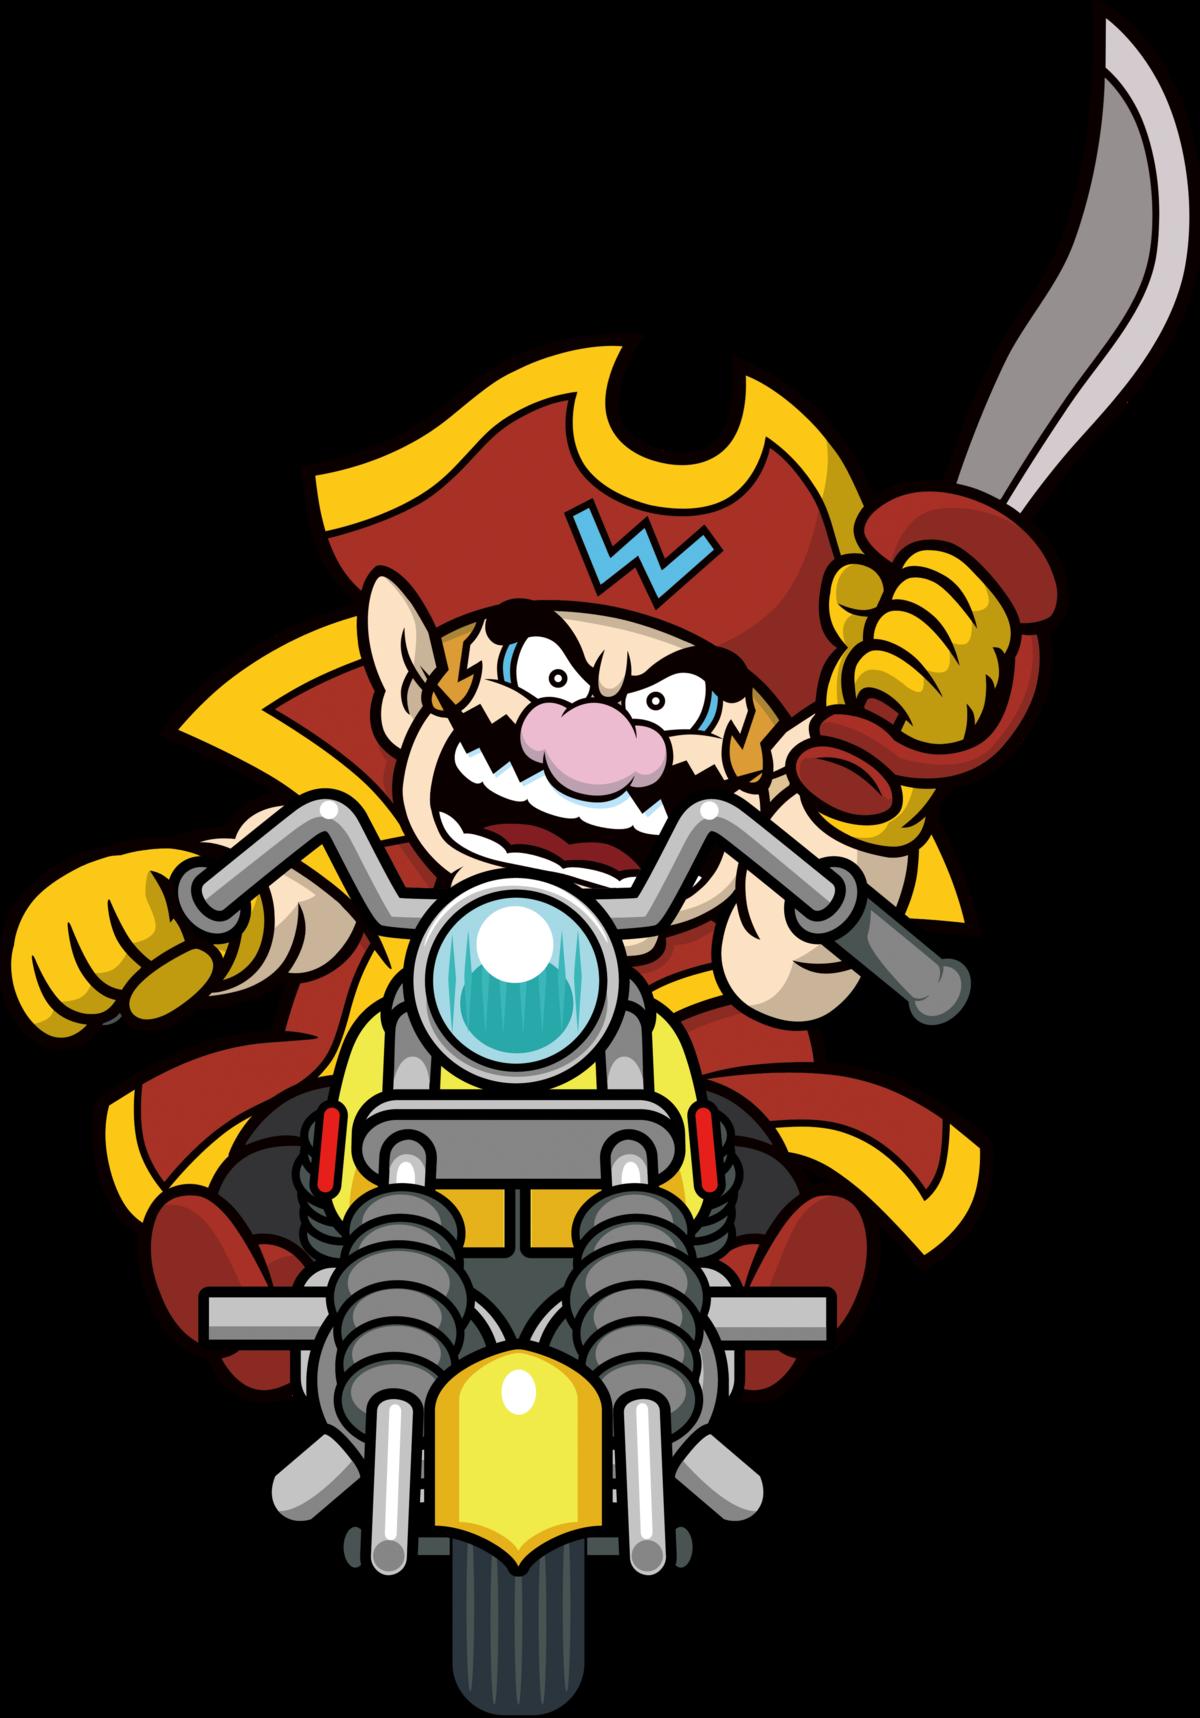 Thief Wario - Super Mario Wiki, the Mario encyclopedia